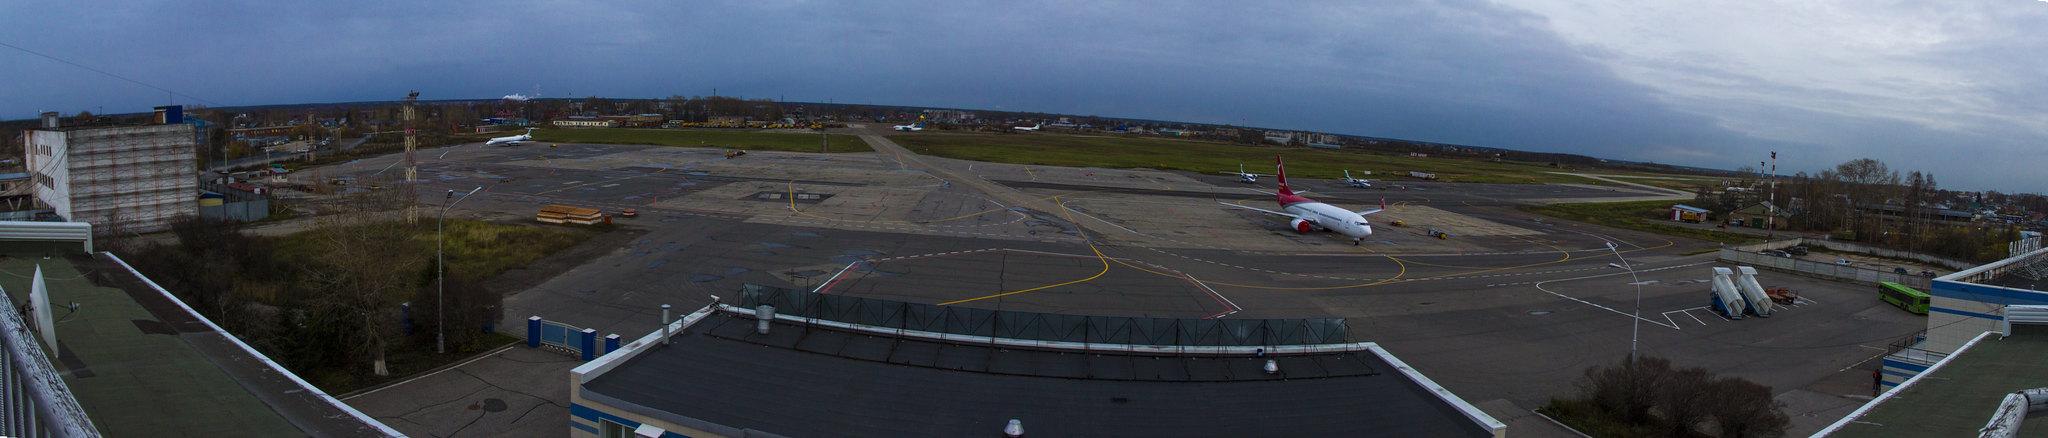 Панорама аэропорта Сыктывкар